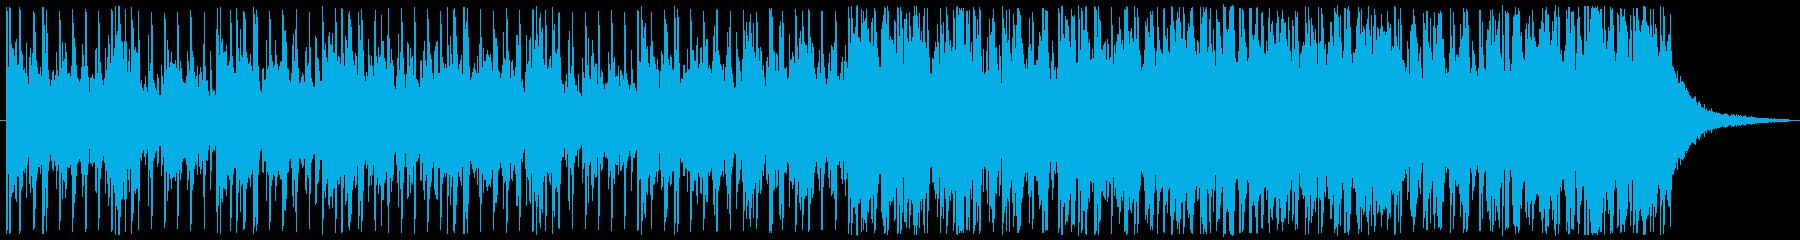 アンビエント 実験的な 緊張感 フ...の再生済みの波形